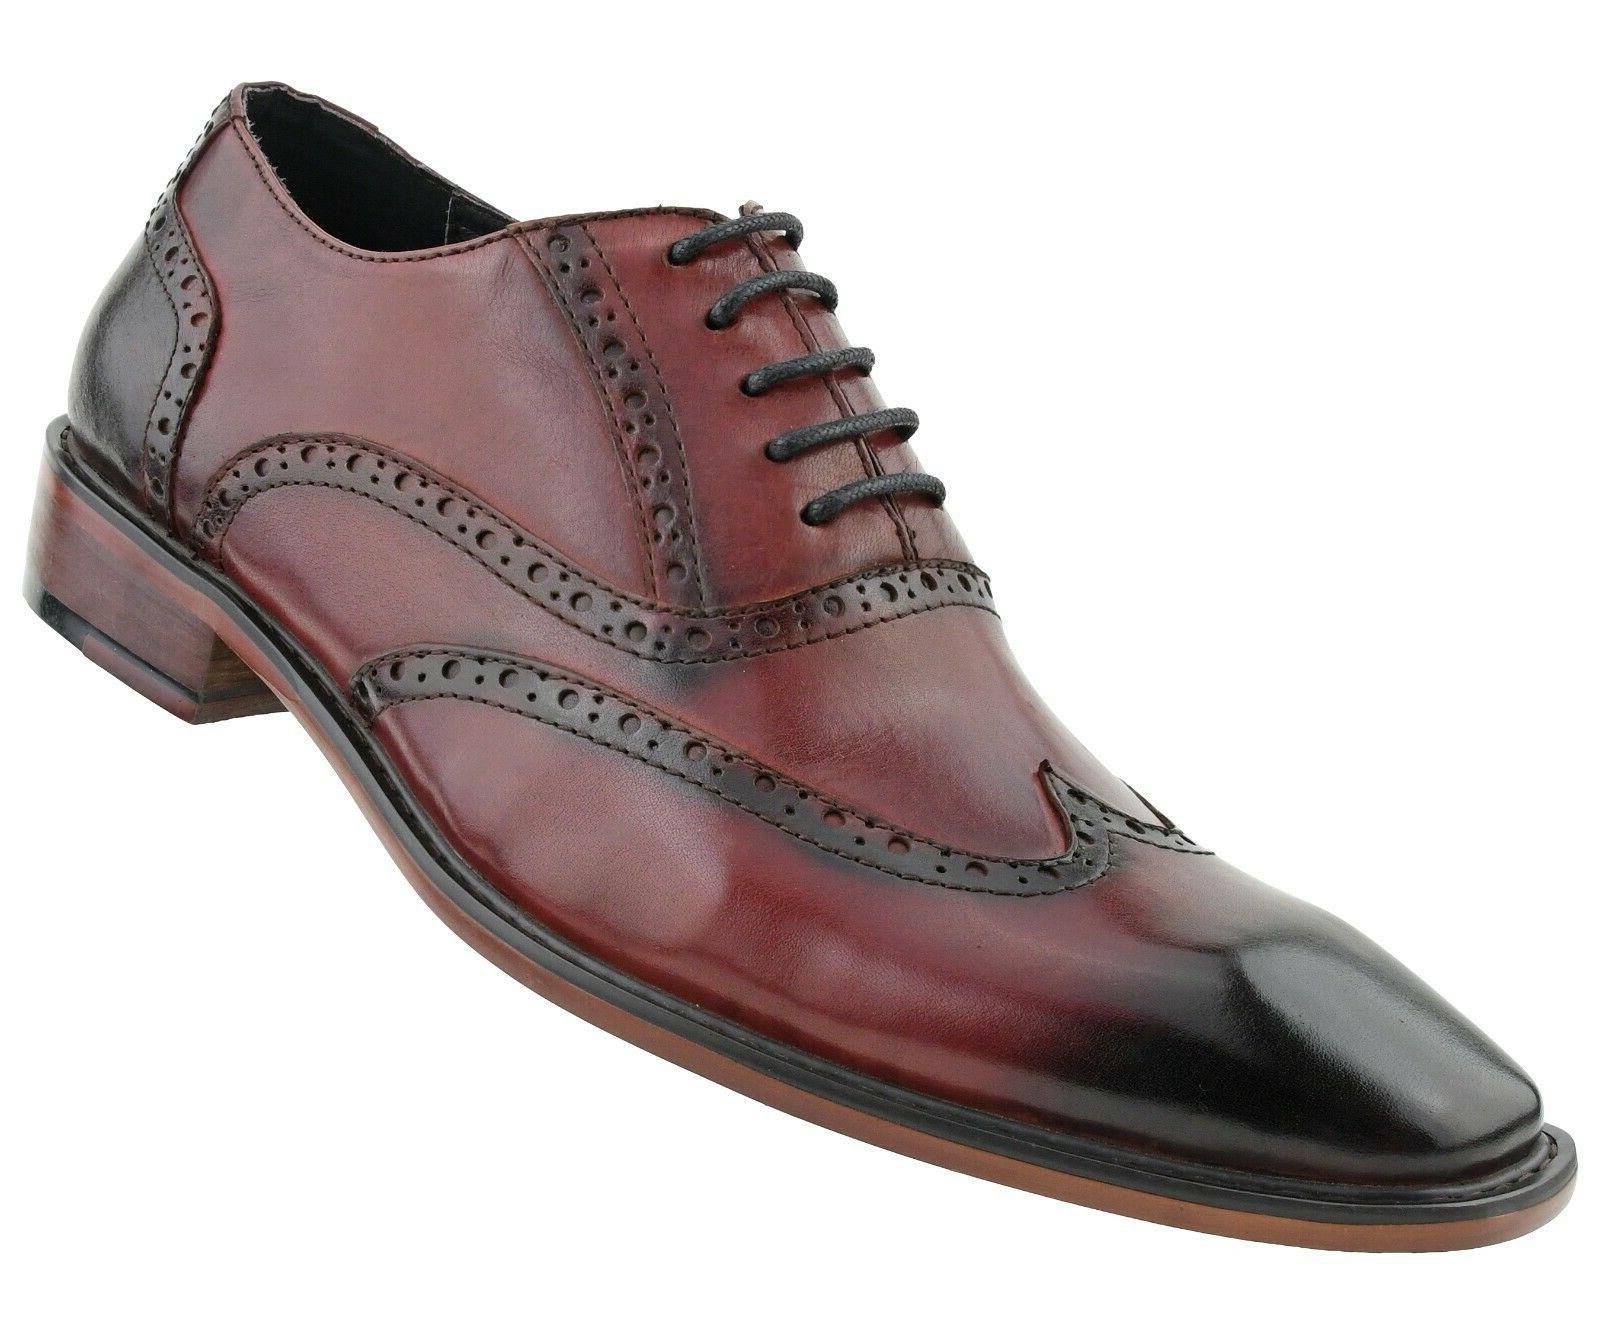 Mens Dress Shoes, Wingtip for Men Oxfords